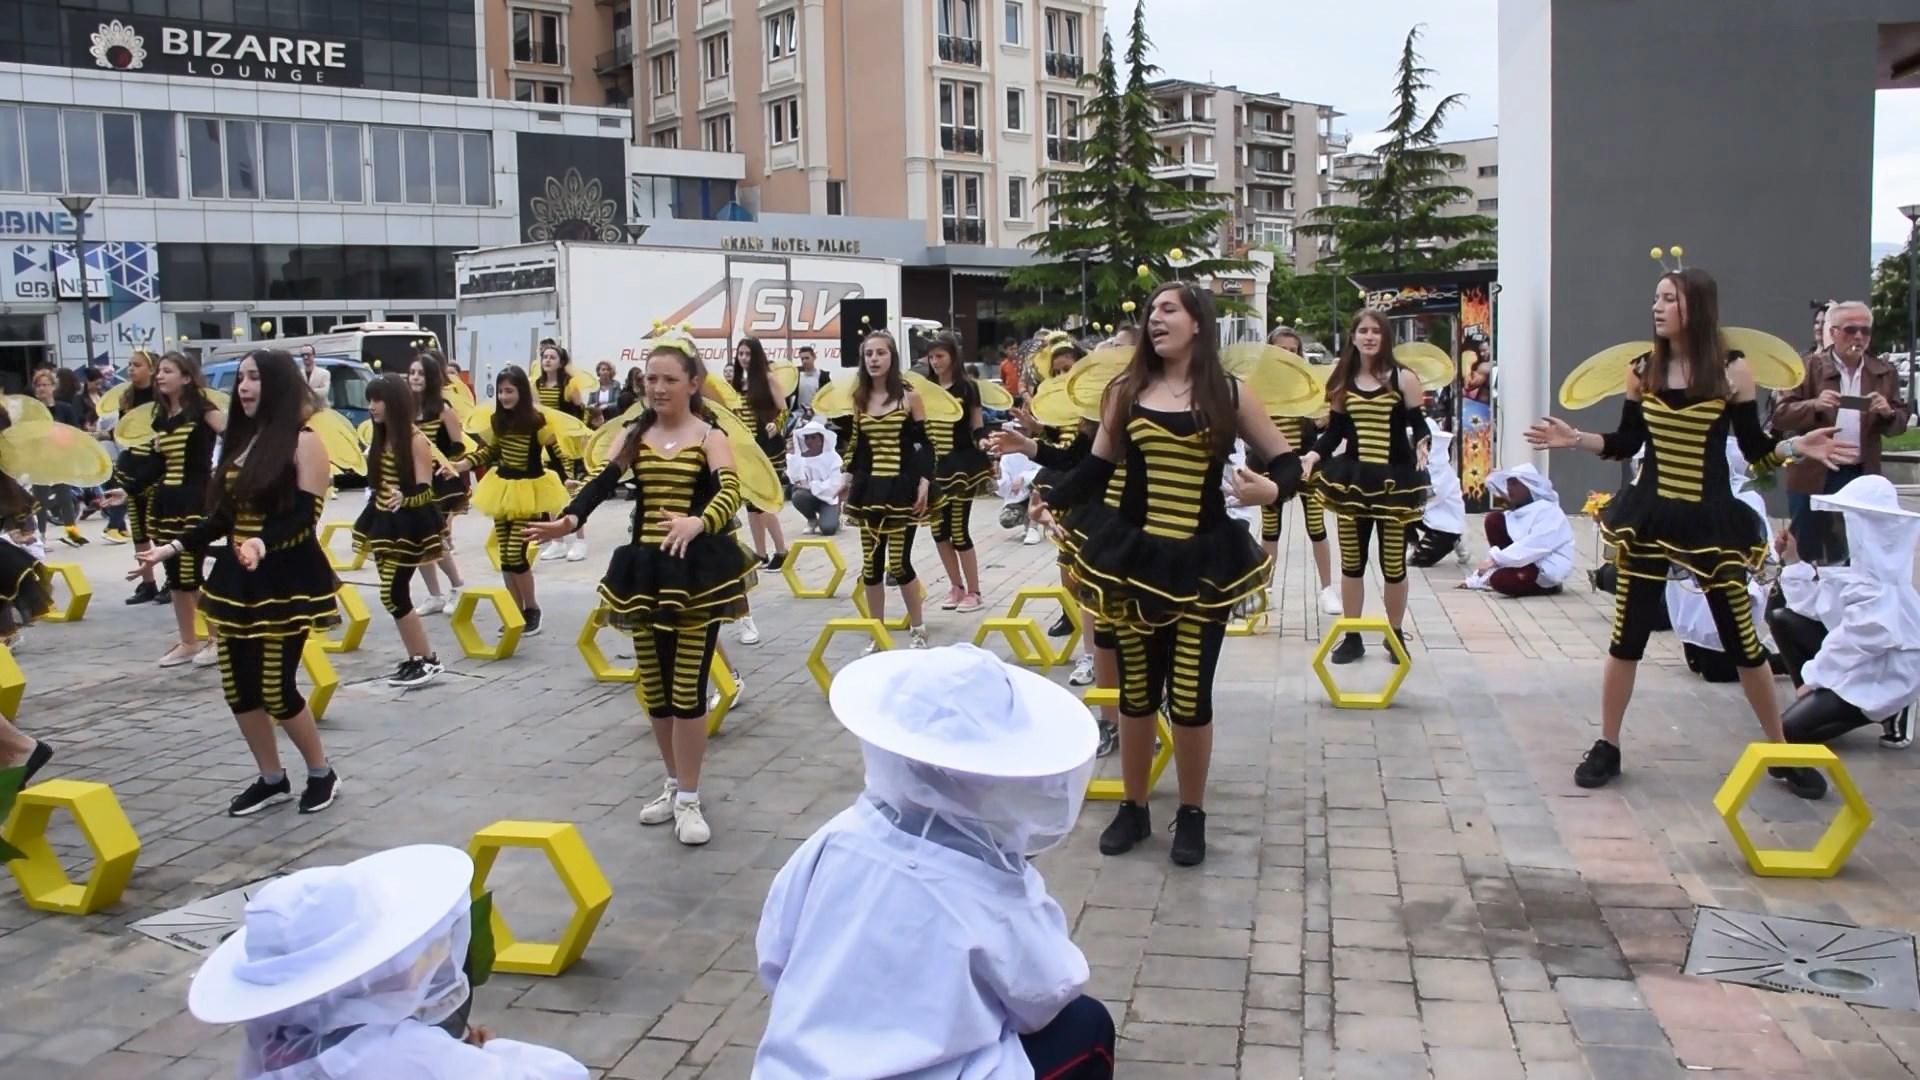 Festa e mjaltit në Korçë bën bashkë bletërritës nga e gjithë hapësira shqiptare